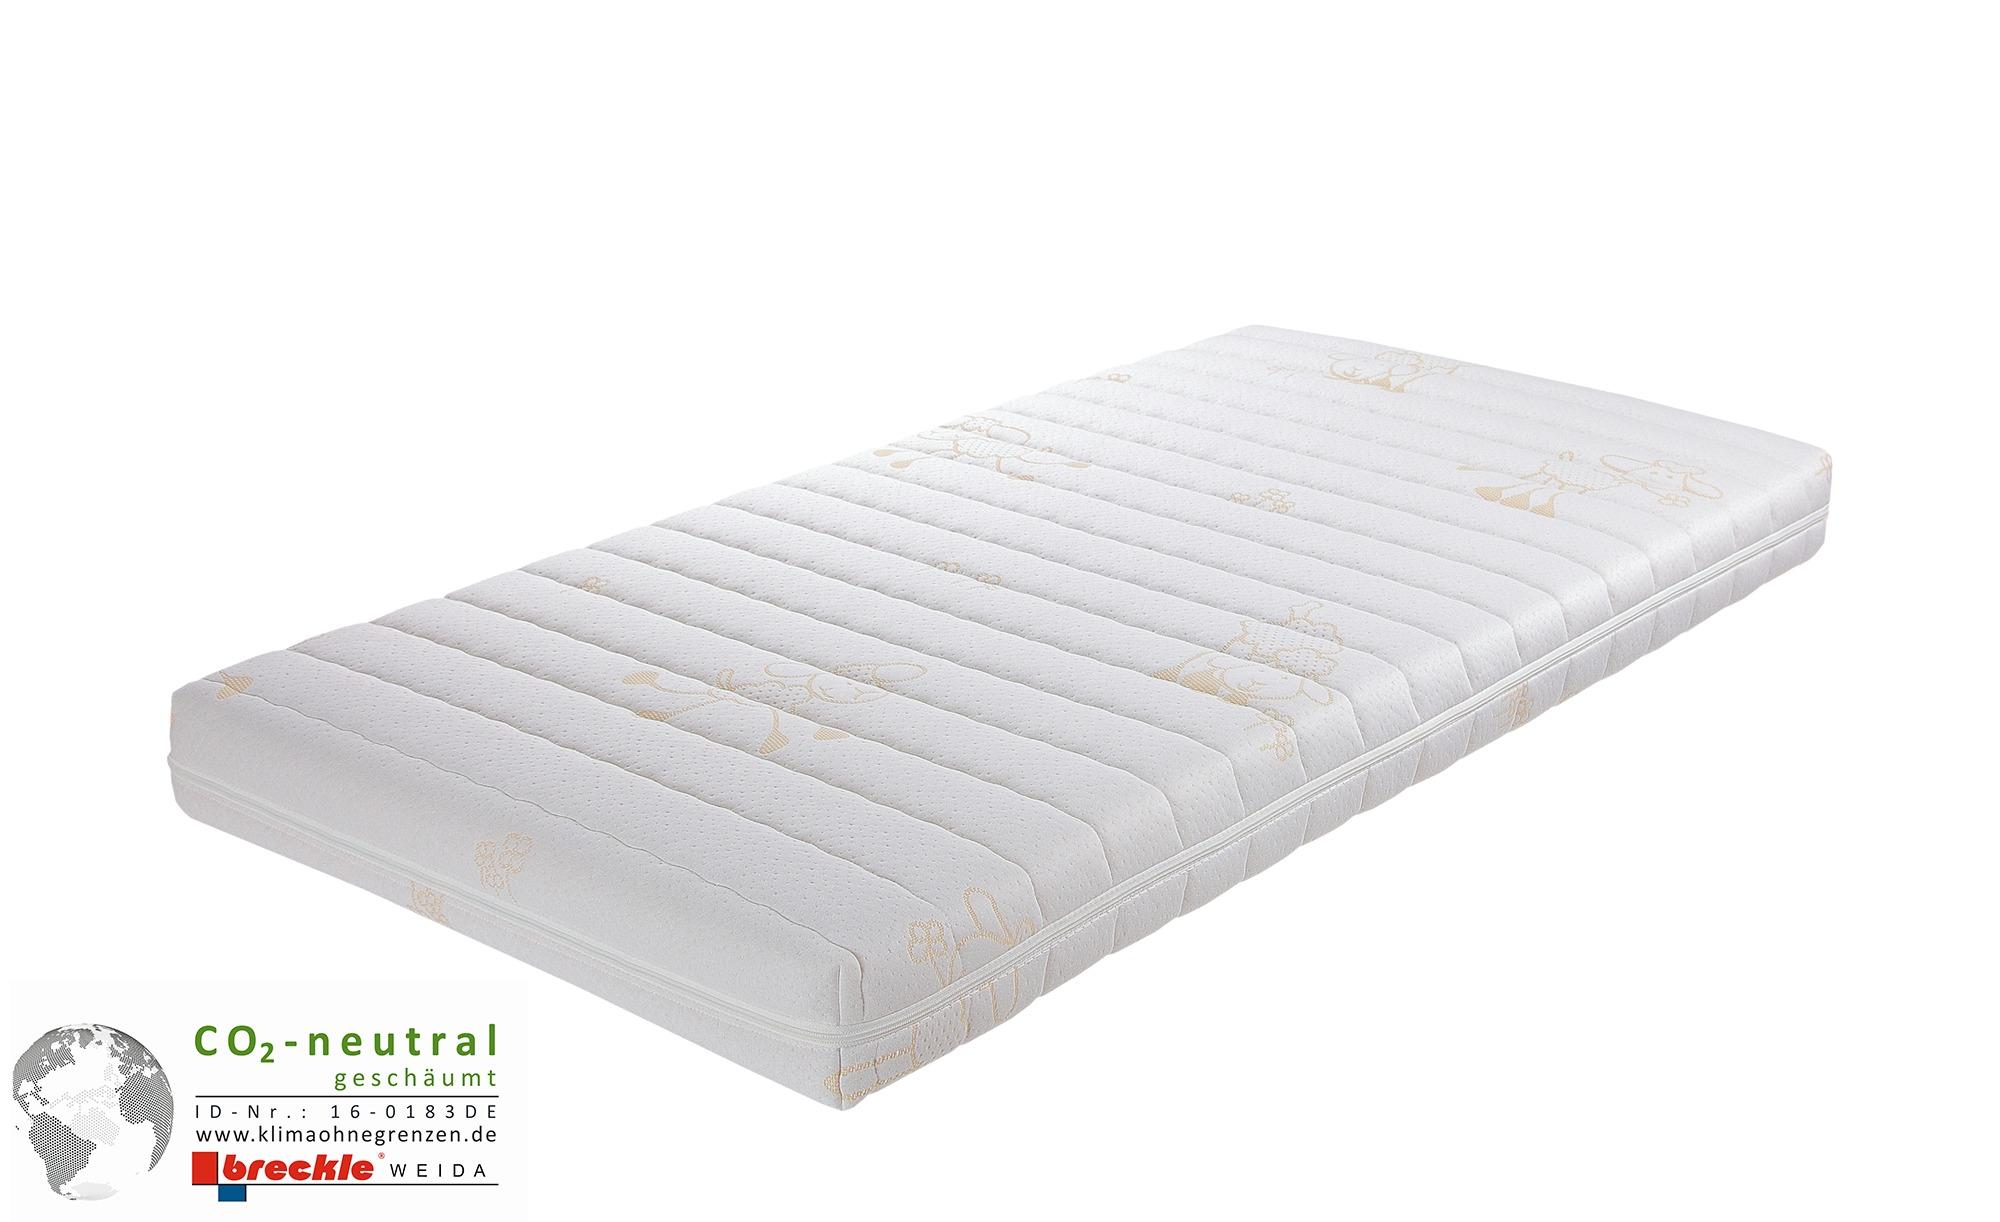 Kindermatratze  LLQ Clean Kiddy - weiß - 60 cm - 12 cm - 120 cm - Sconto | Kinderzimmer > Textilien für Kinder > Kinderbettwäsche | Sconto